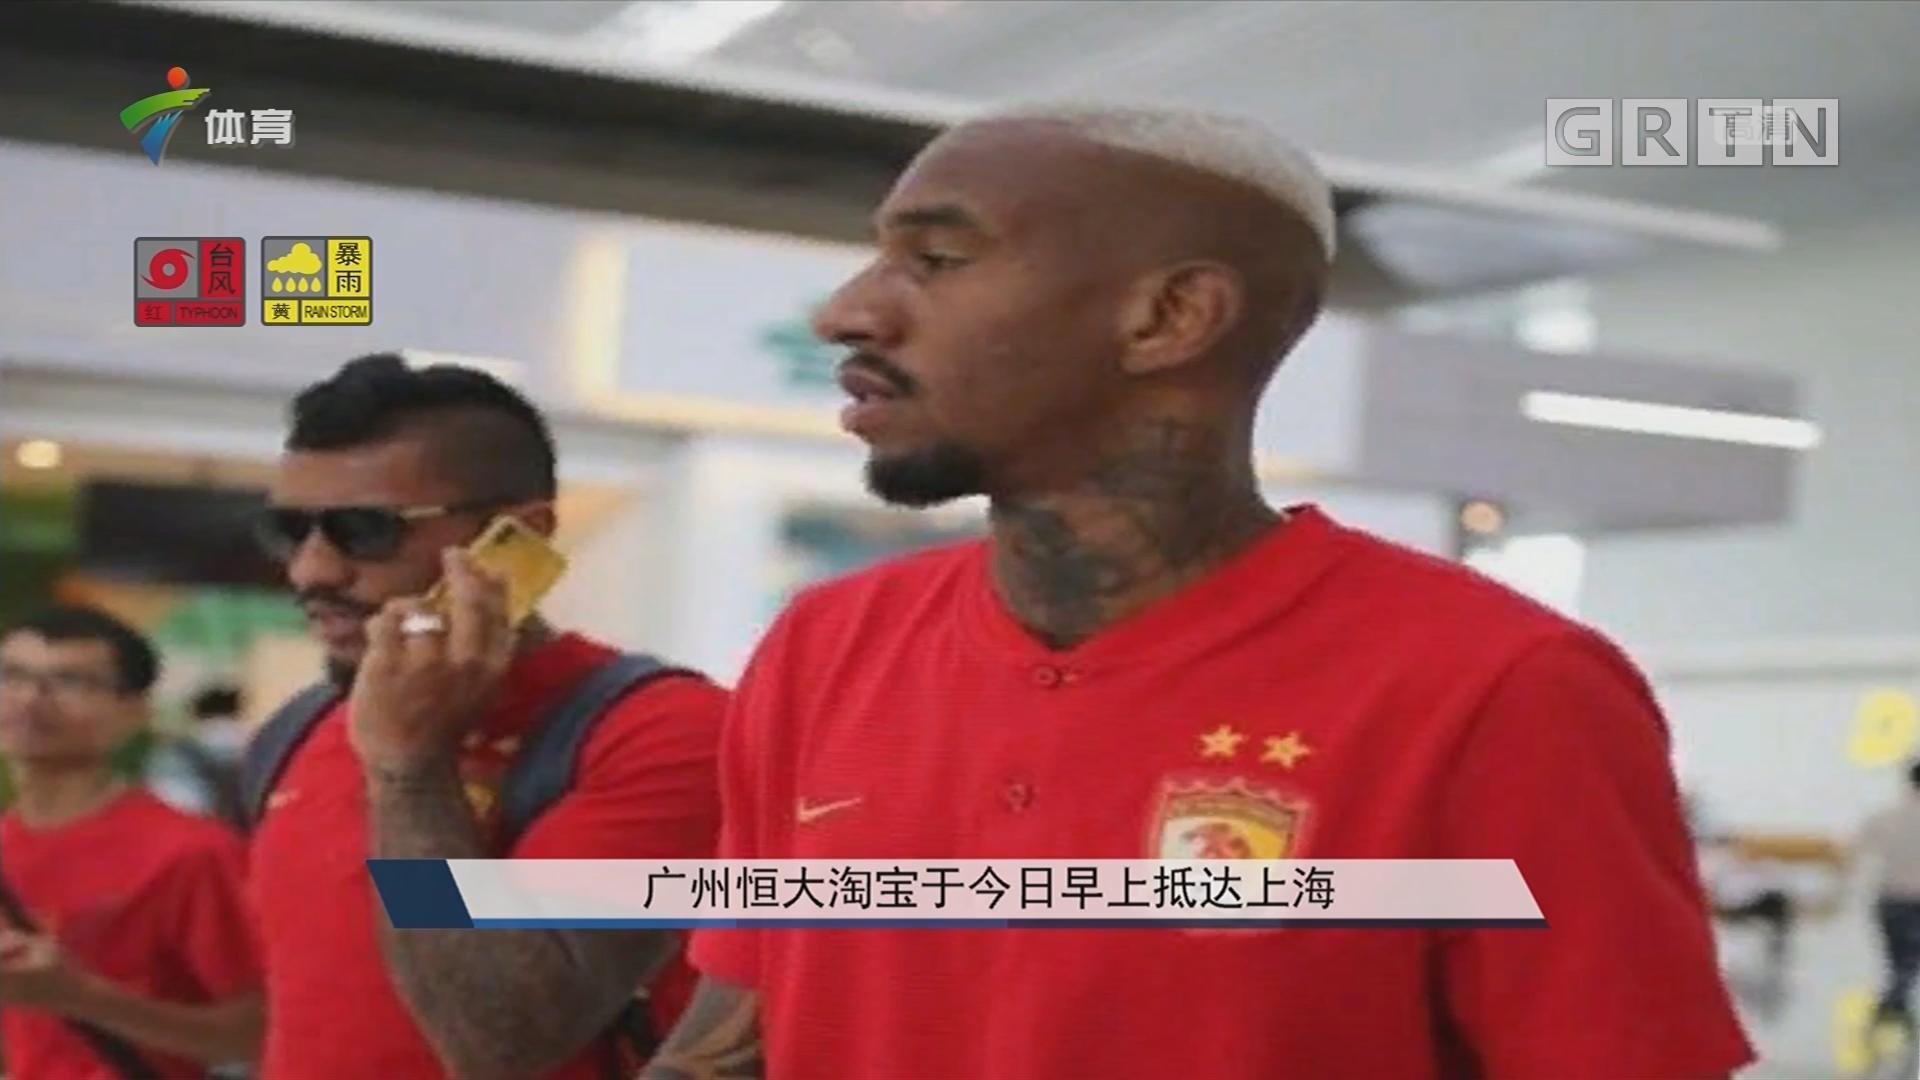 广州恒大淘宝于今日早上抵达上海